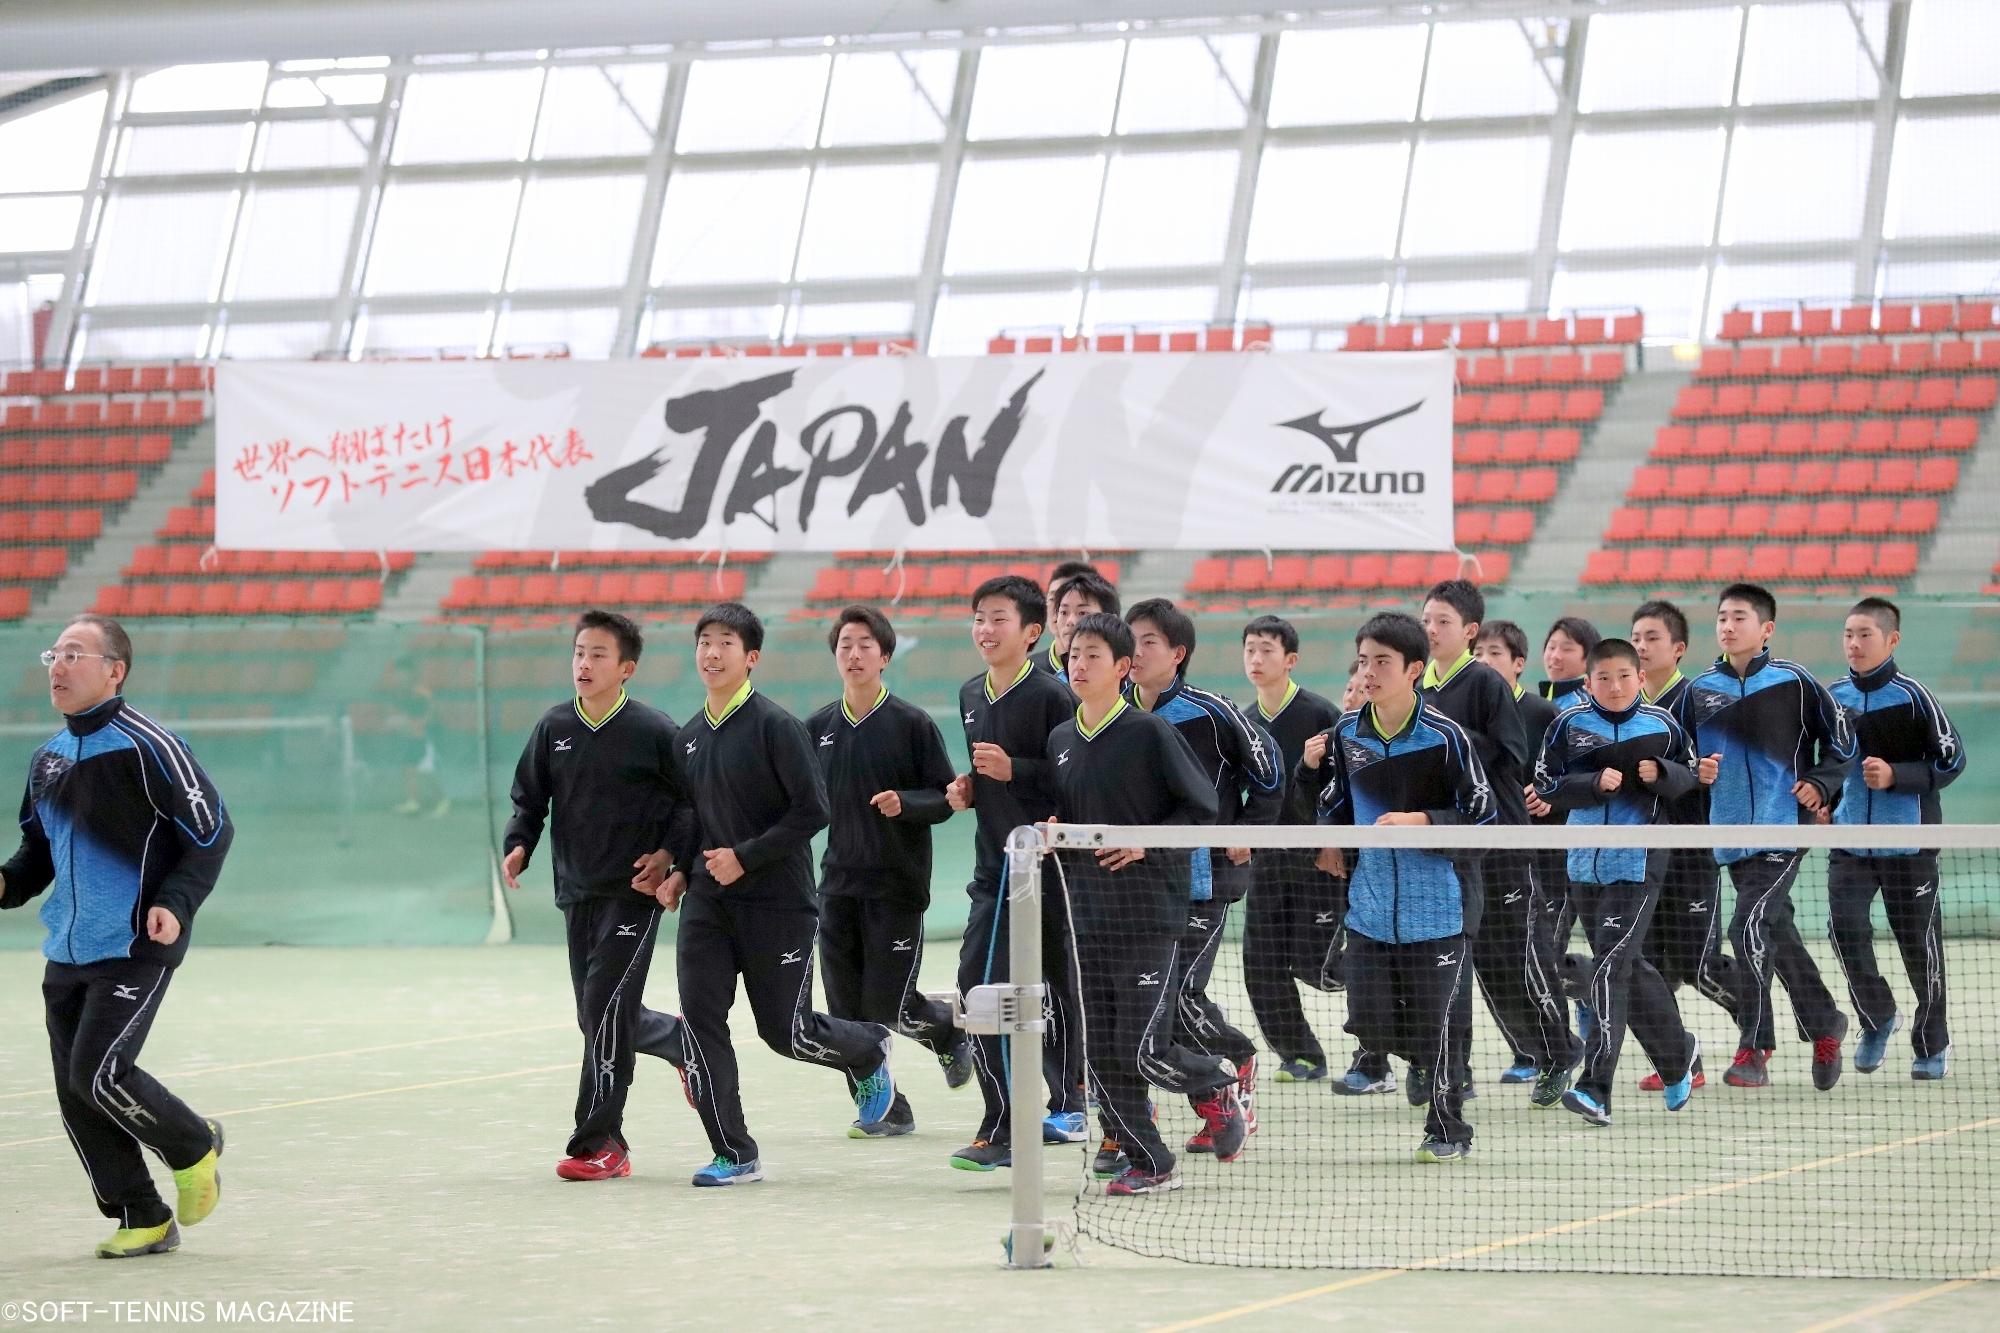 全日本アンダー男子は2月に三重県四日市ドームで合宿を行った。小中学生世代のU-14には、今回の都道府県全中に出場している選手も